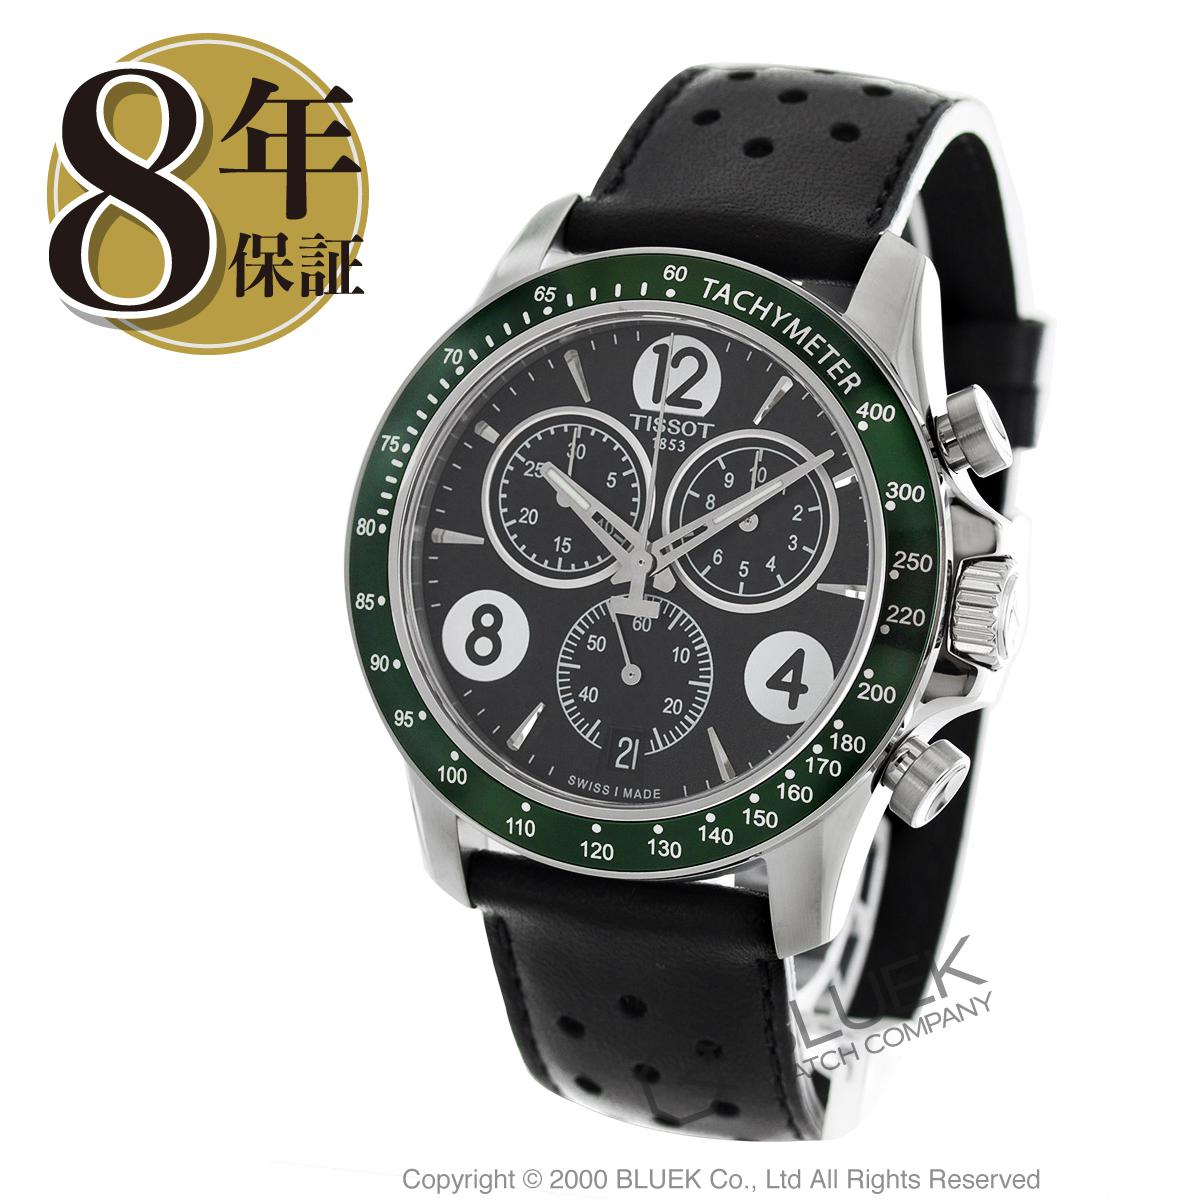 ティソ T-スポーツ V8 クロノグラフ 腕時計 メンズ TISSOT T106.417.16.057.00_8